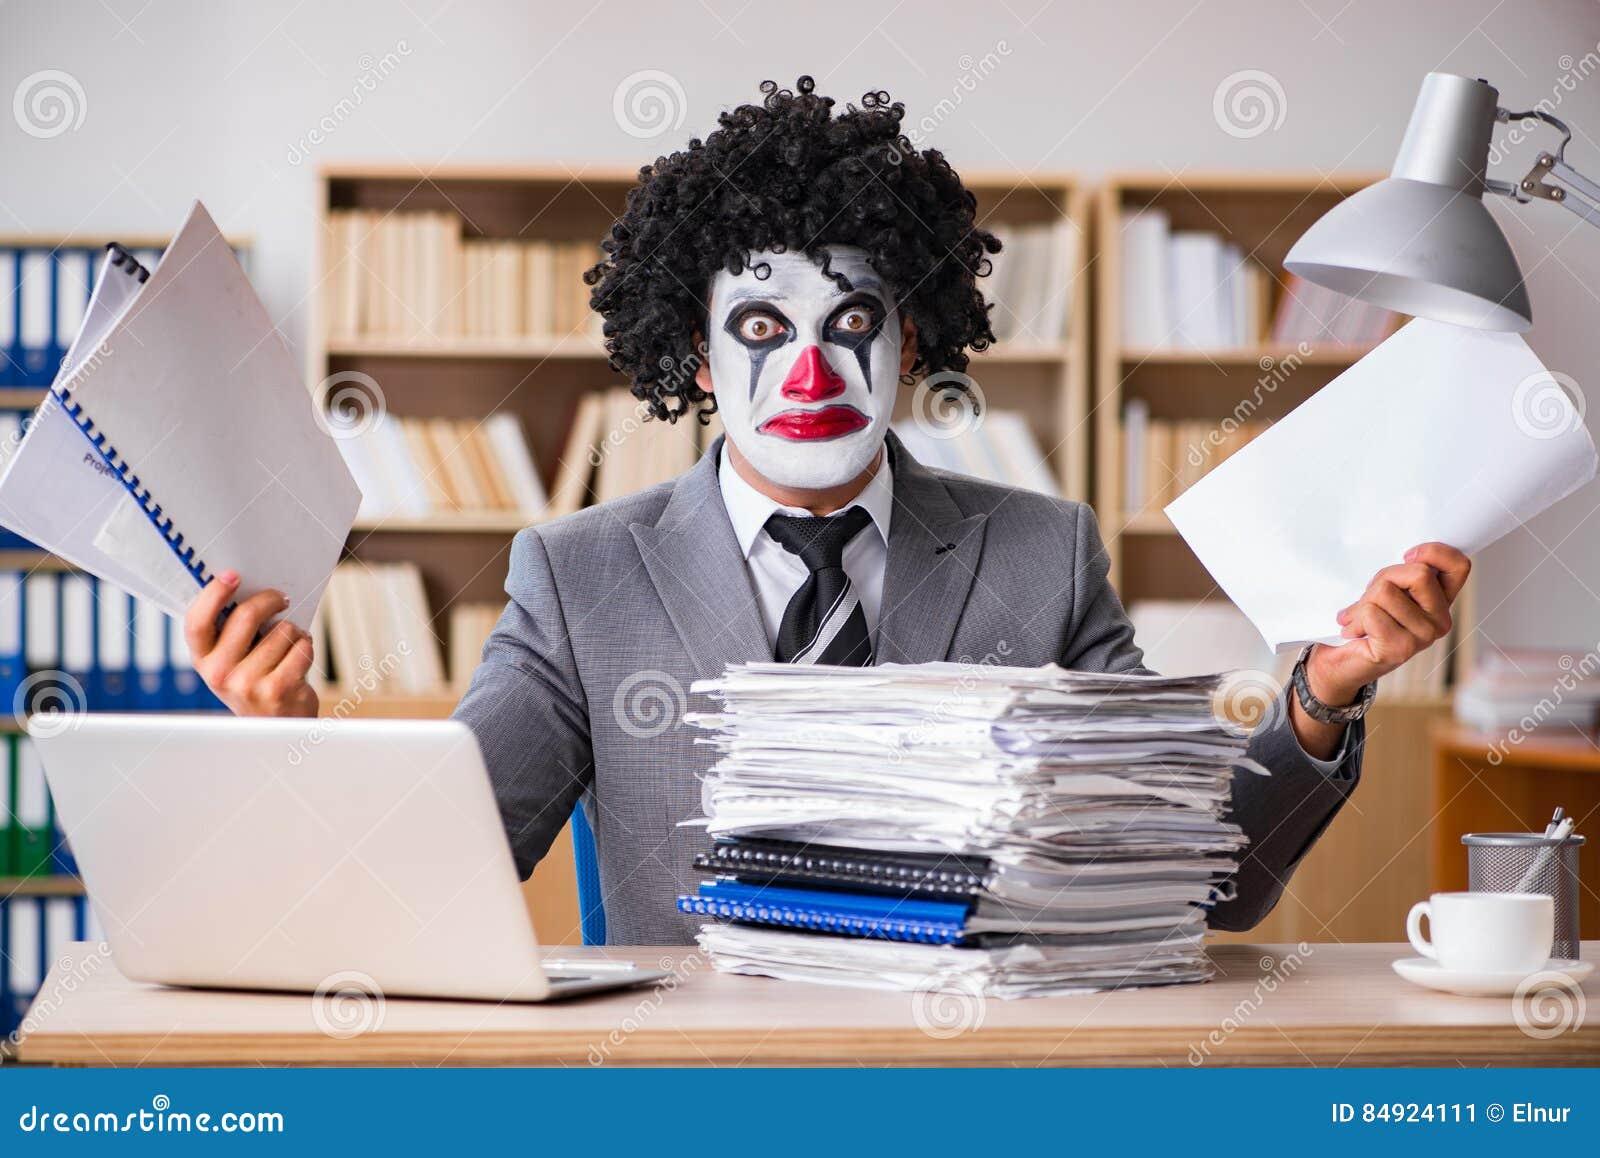 Der Clowngeschaftsmann Der Im Buro Arbeitet Stockbild Bild Von